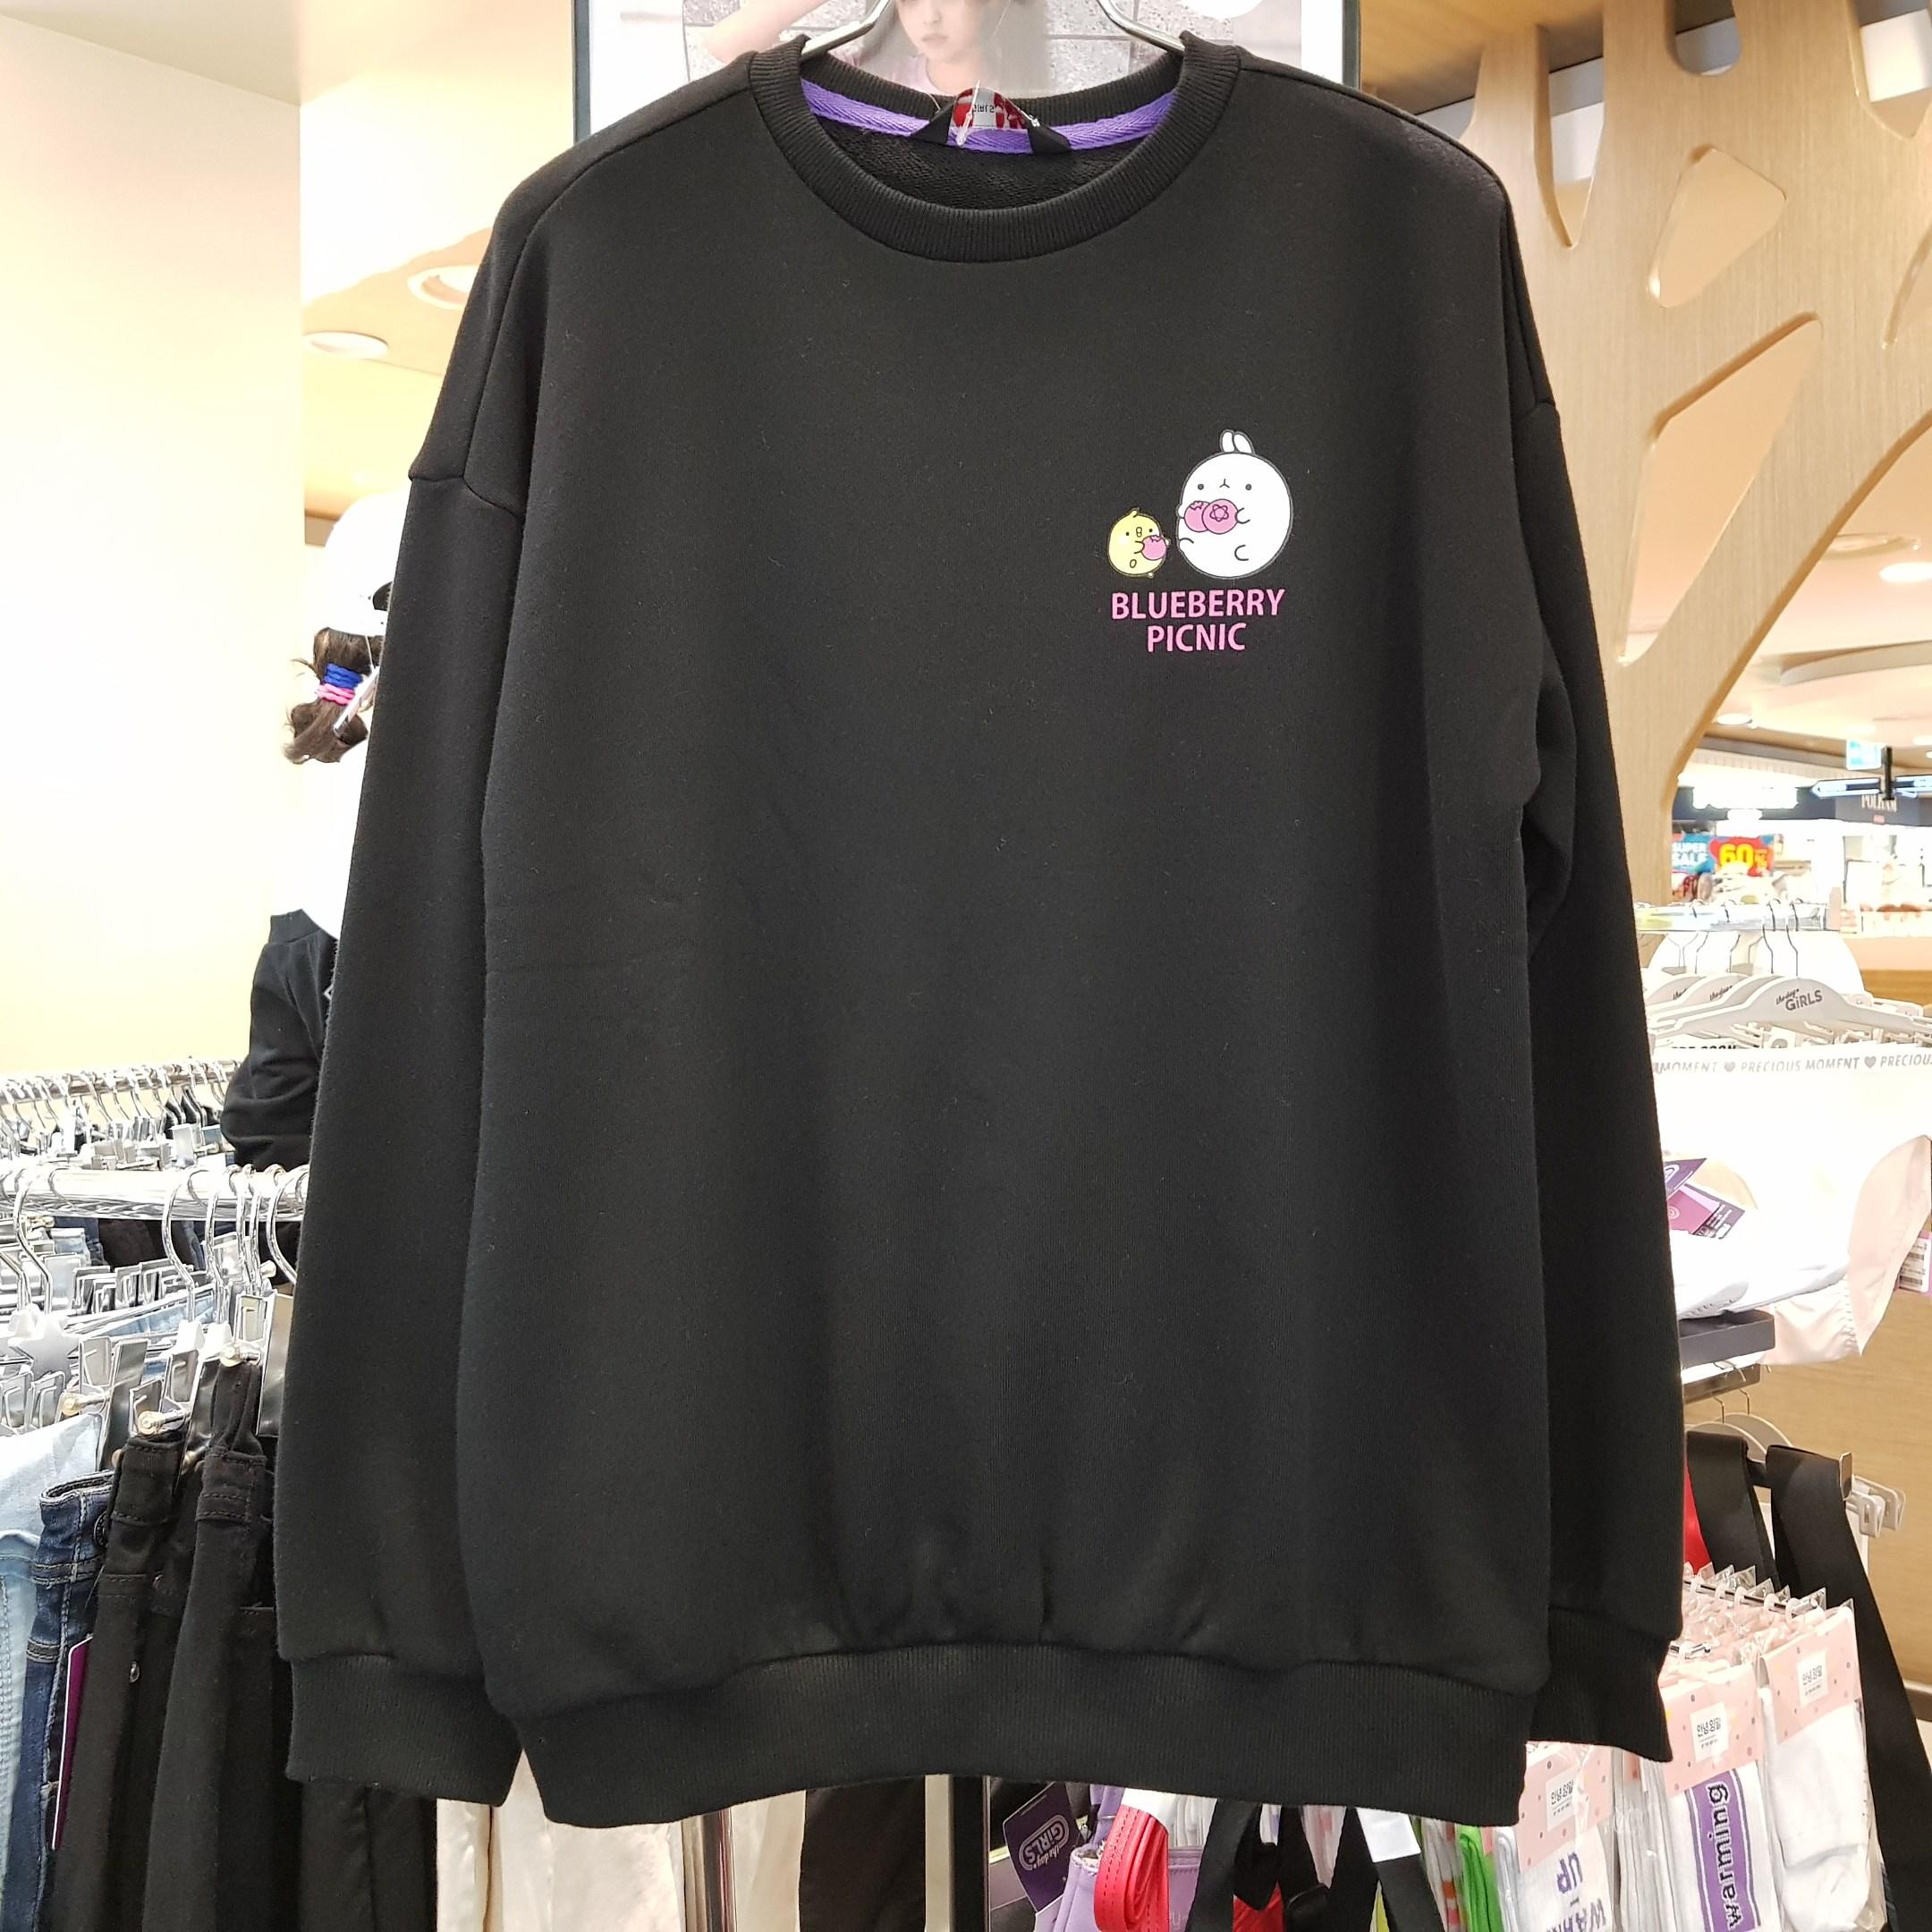 더데이걸 뒷면이 예쁜 피크닉 몰랑이 블랙 맨투맨 티셔츠